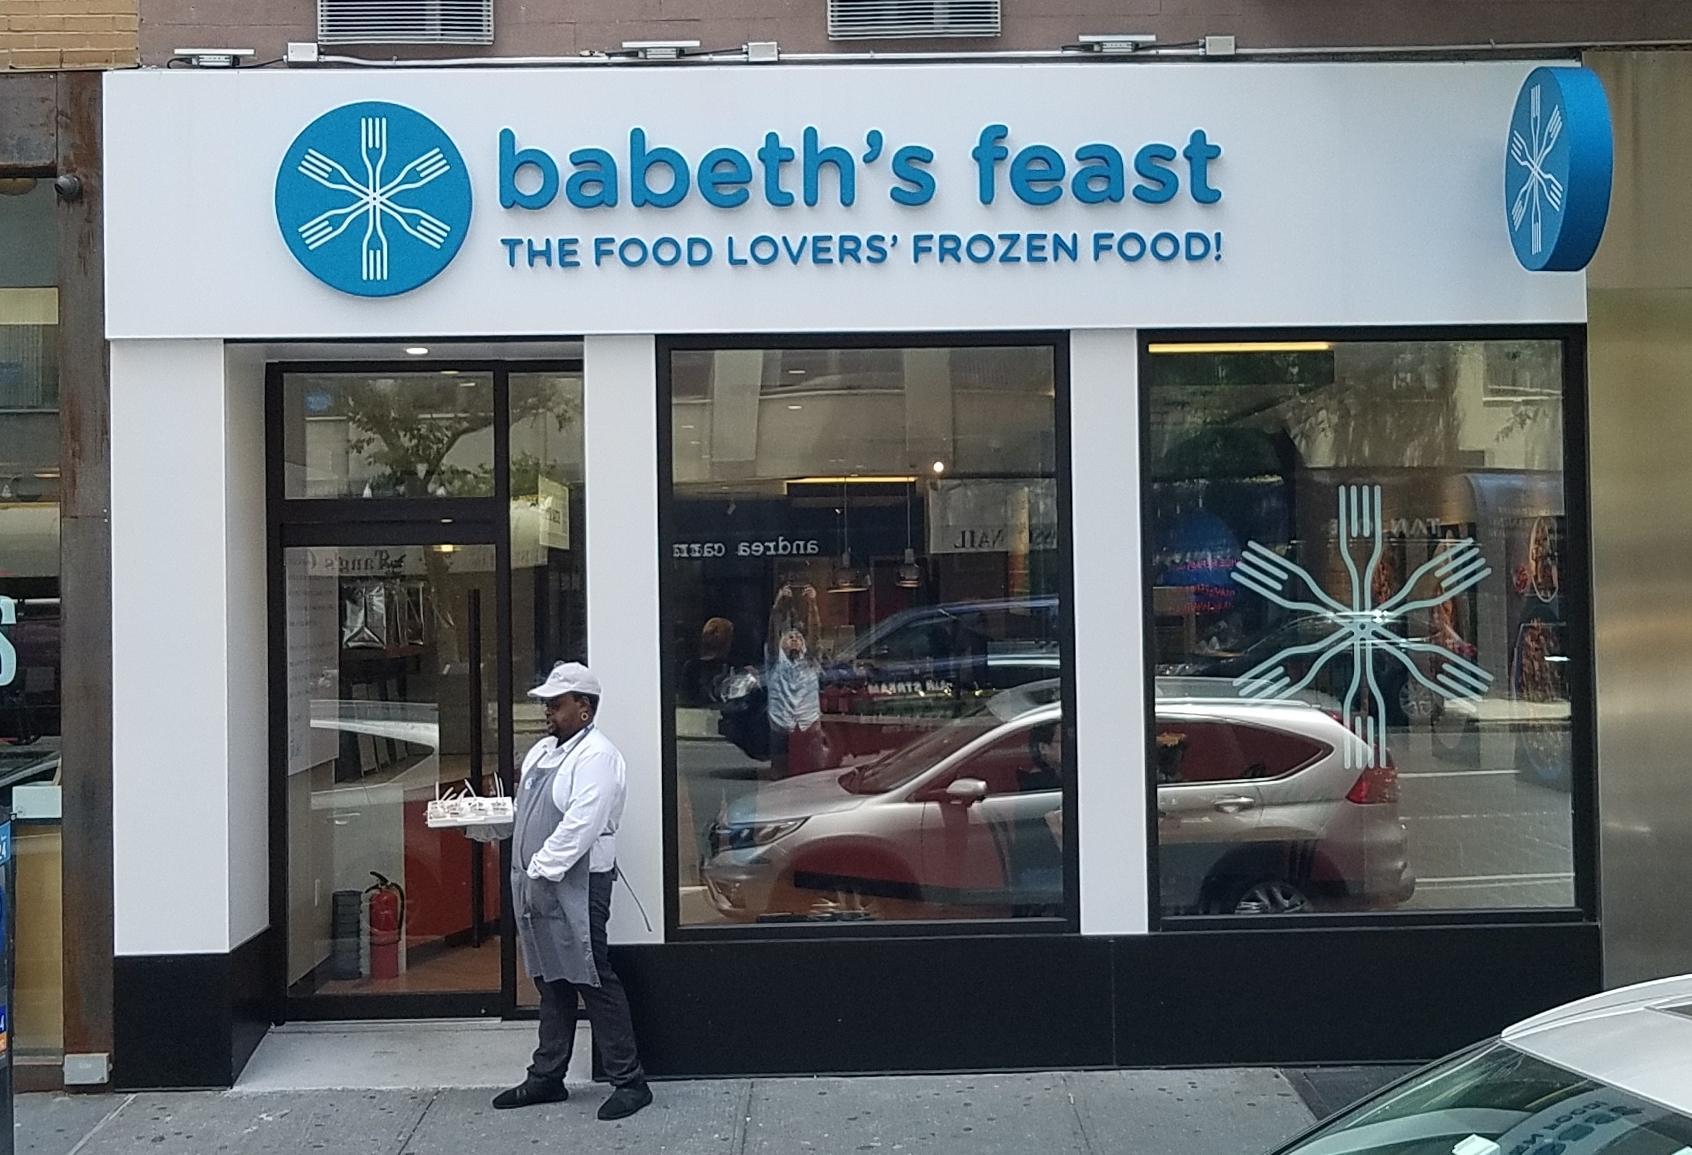 Babeth-3D